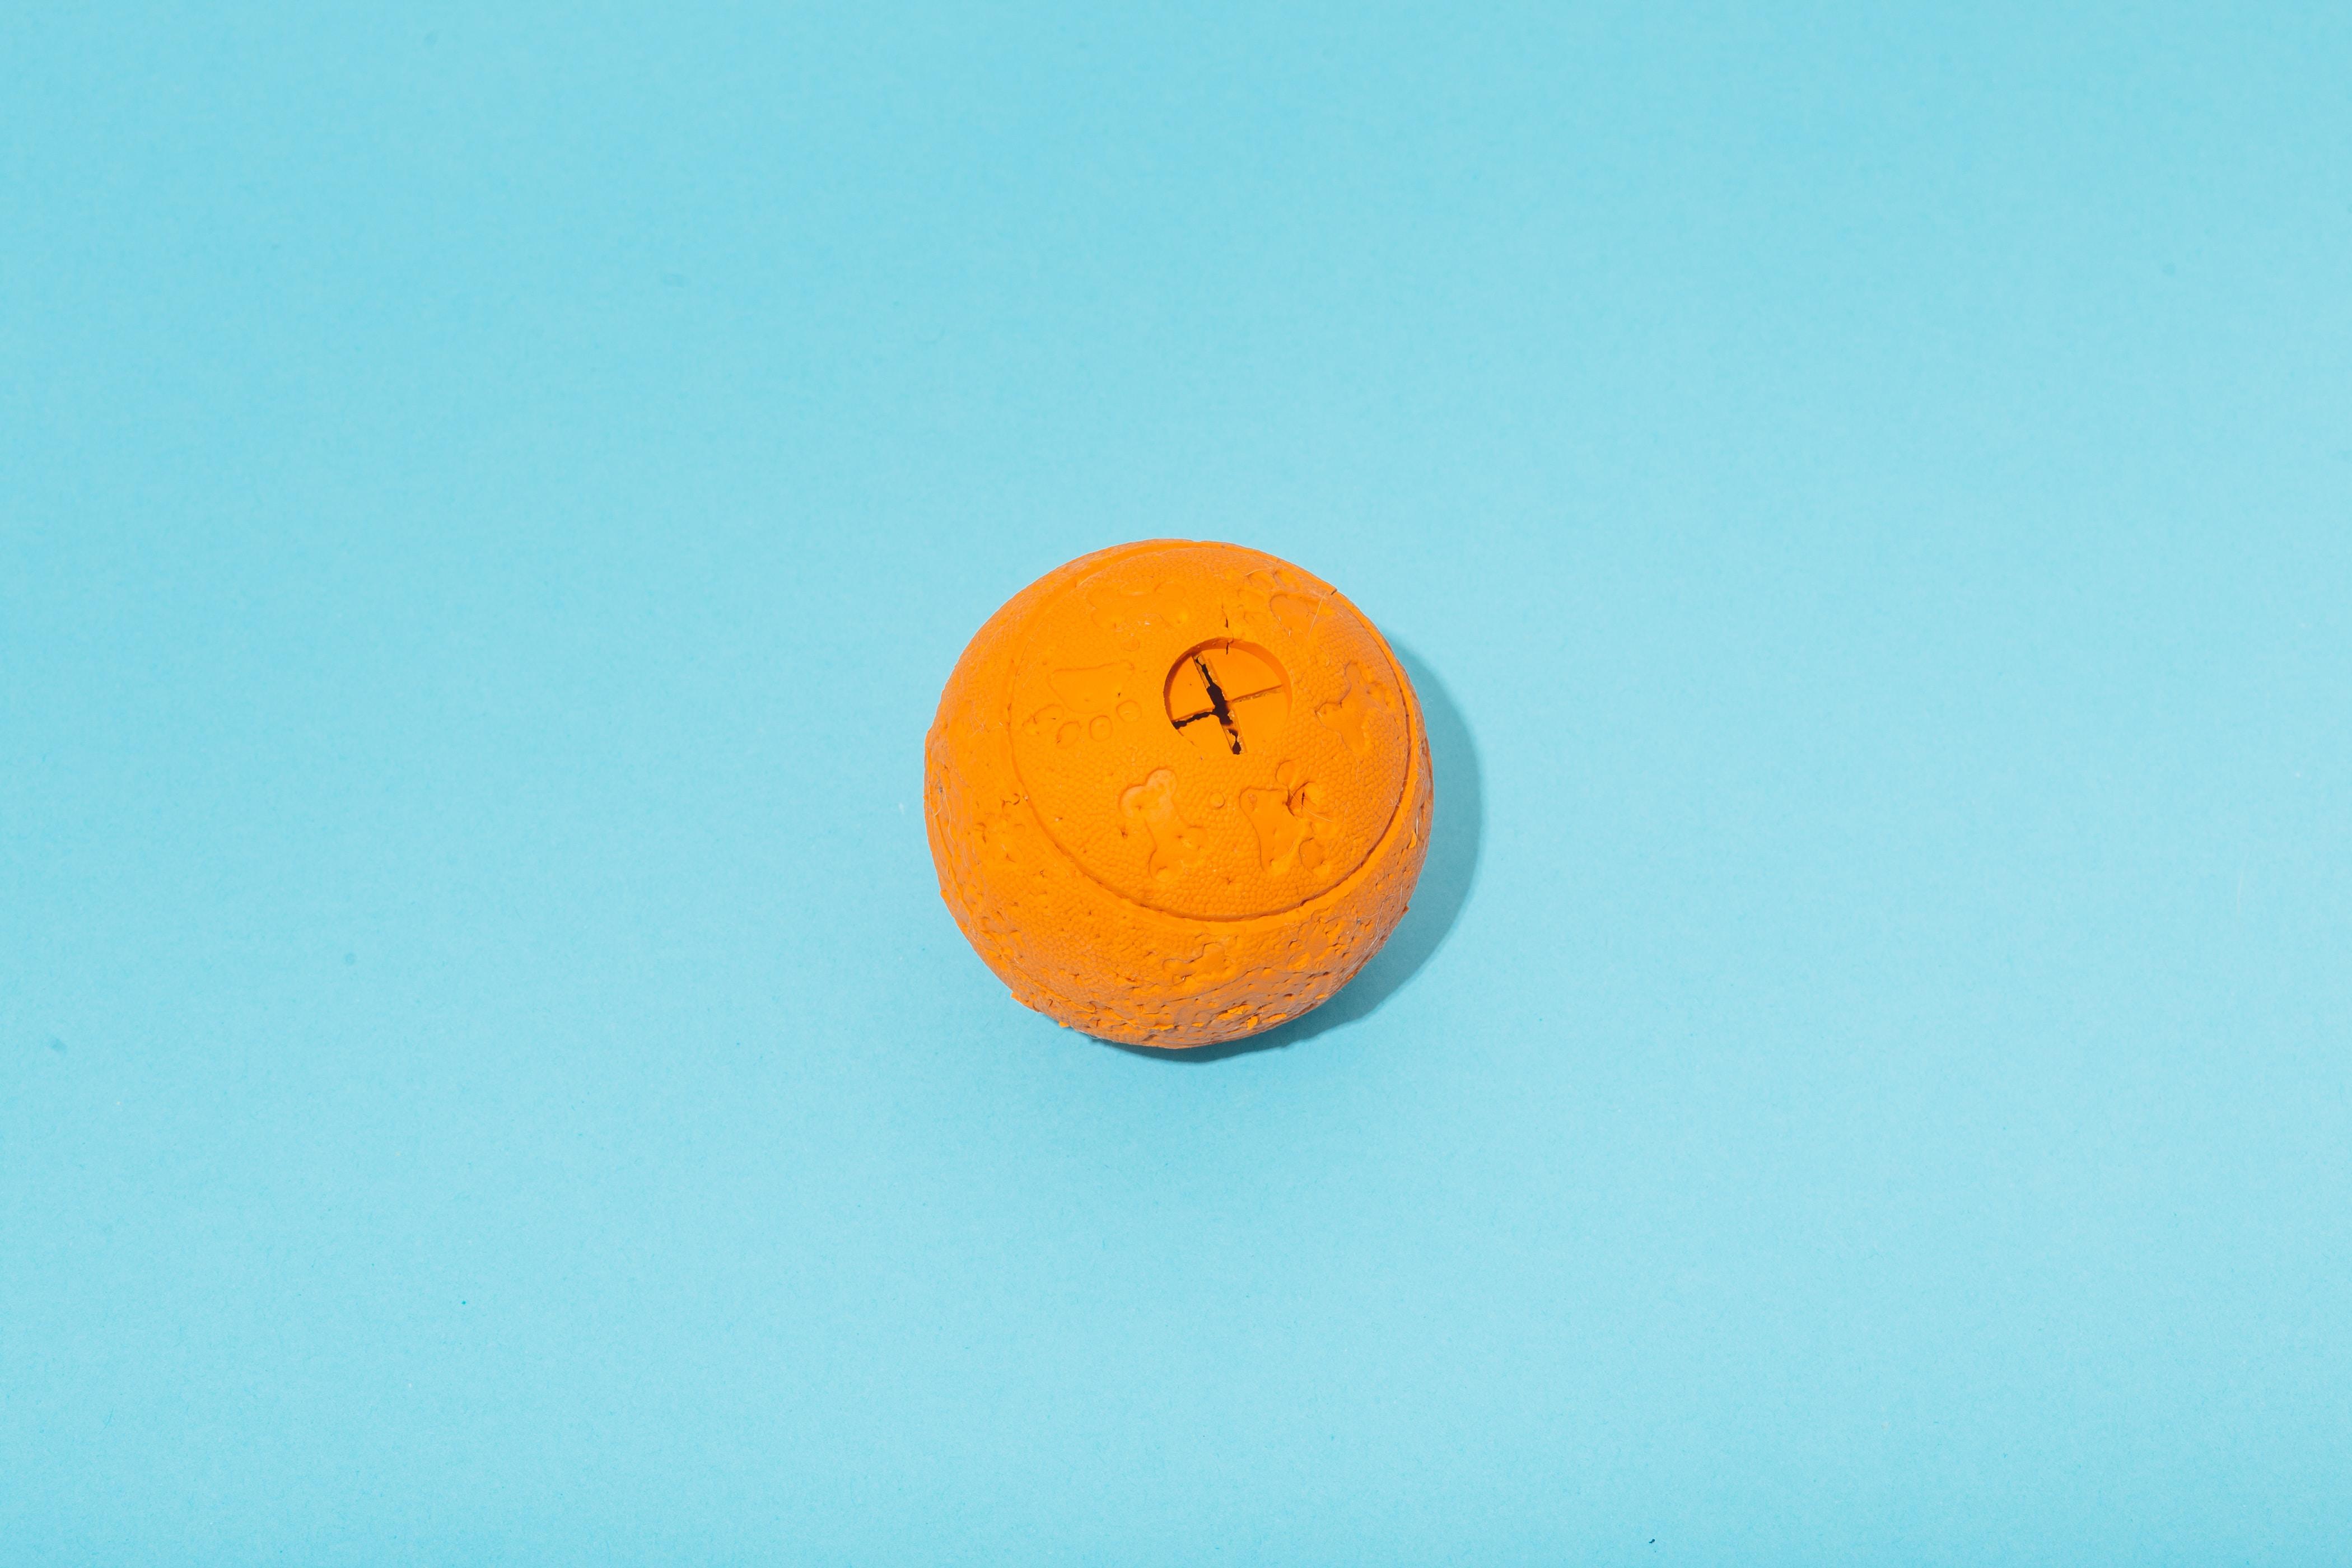 round orange plastic container